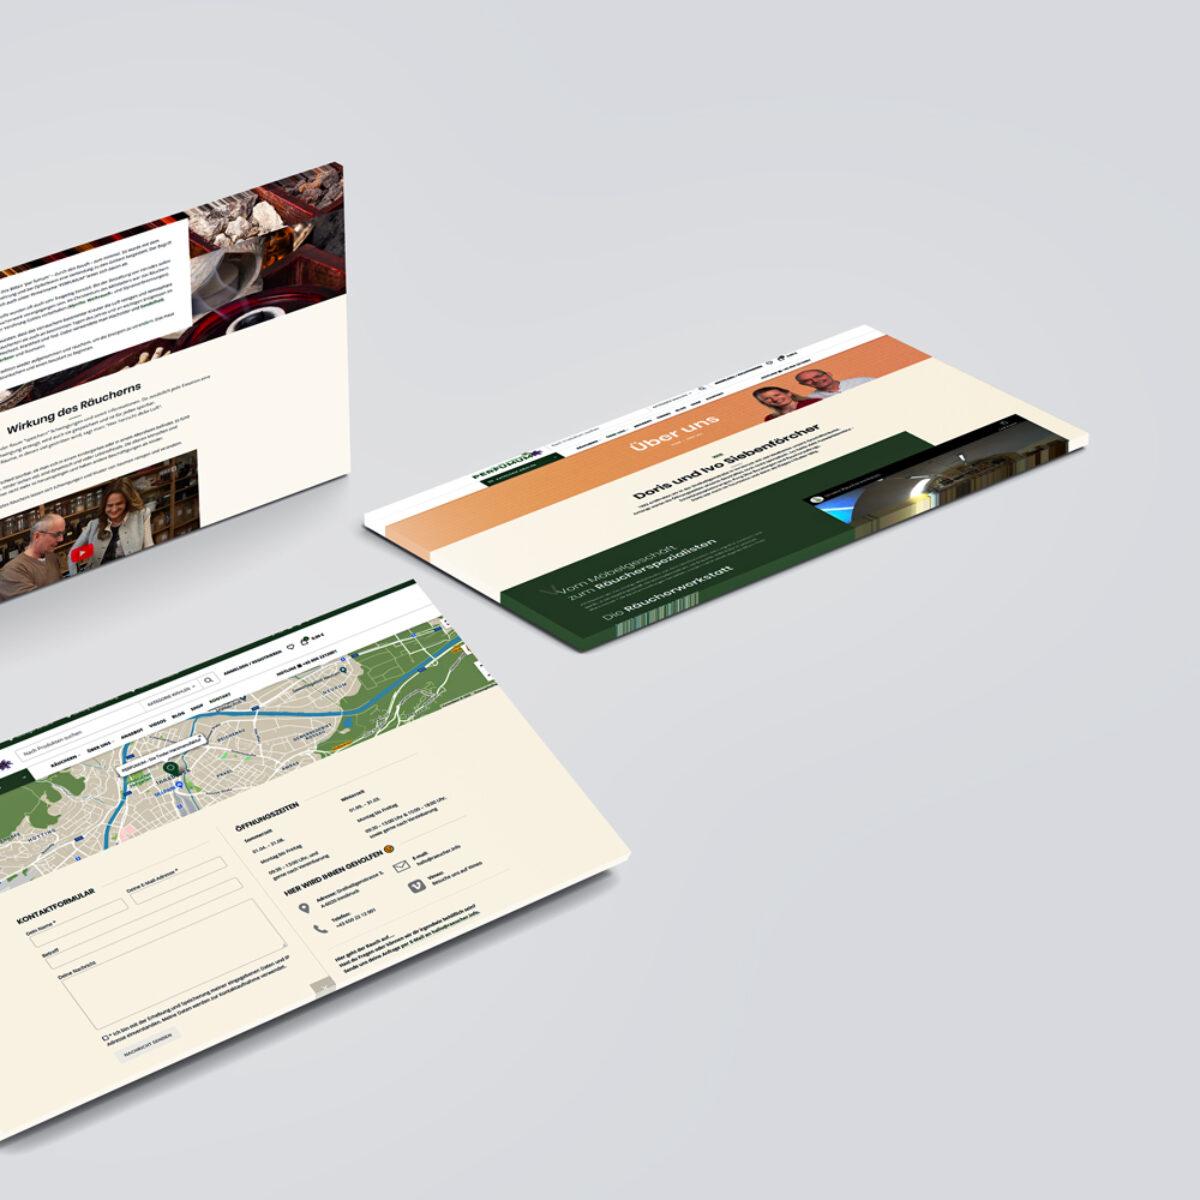 Webdesign Beispielprojekt räucher.info